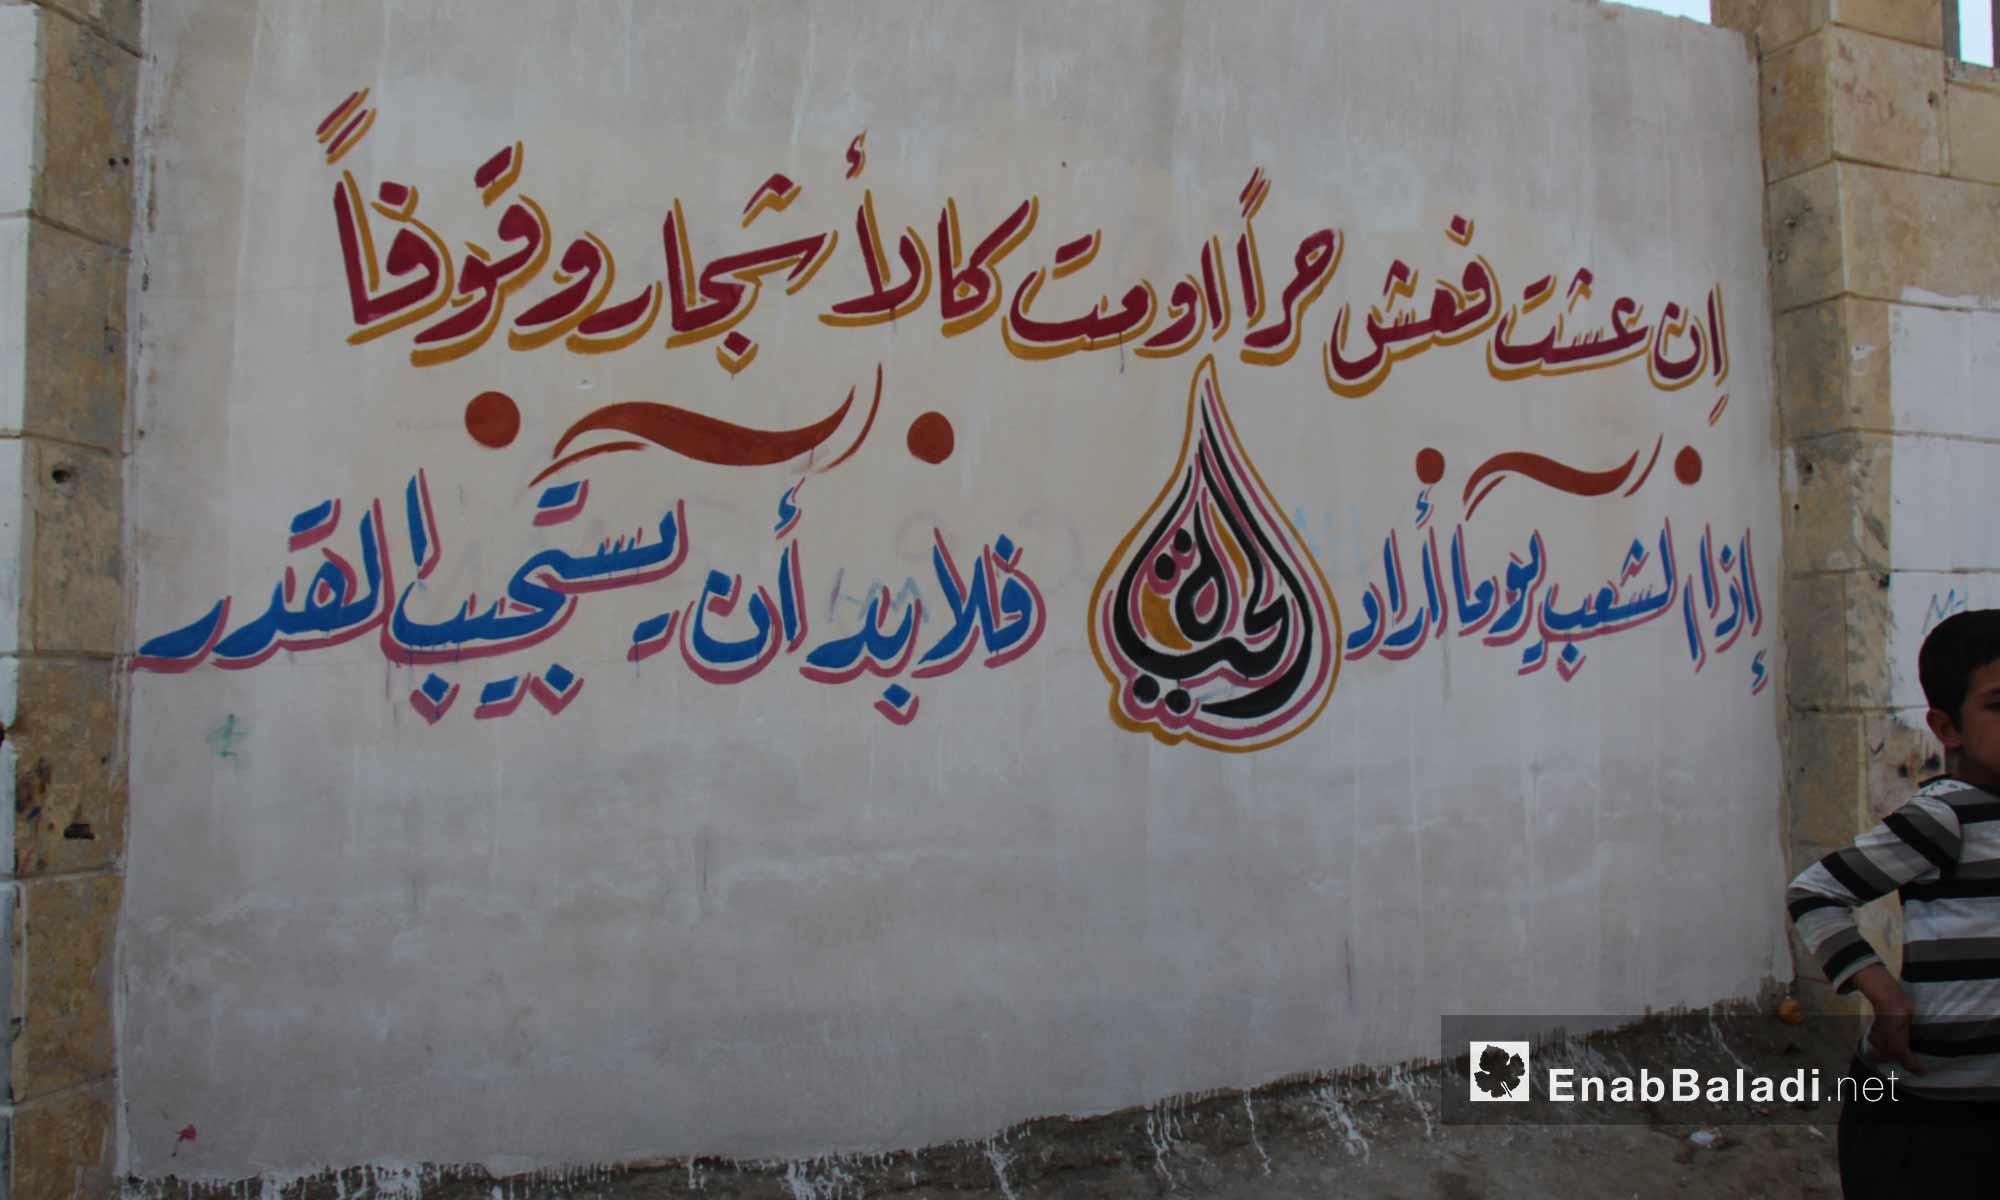 أبيات من الشعر رسمت على جدار في جرابلس شمال حلب - تشرين الثاني 2016 (عنب بلدي)